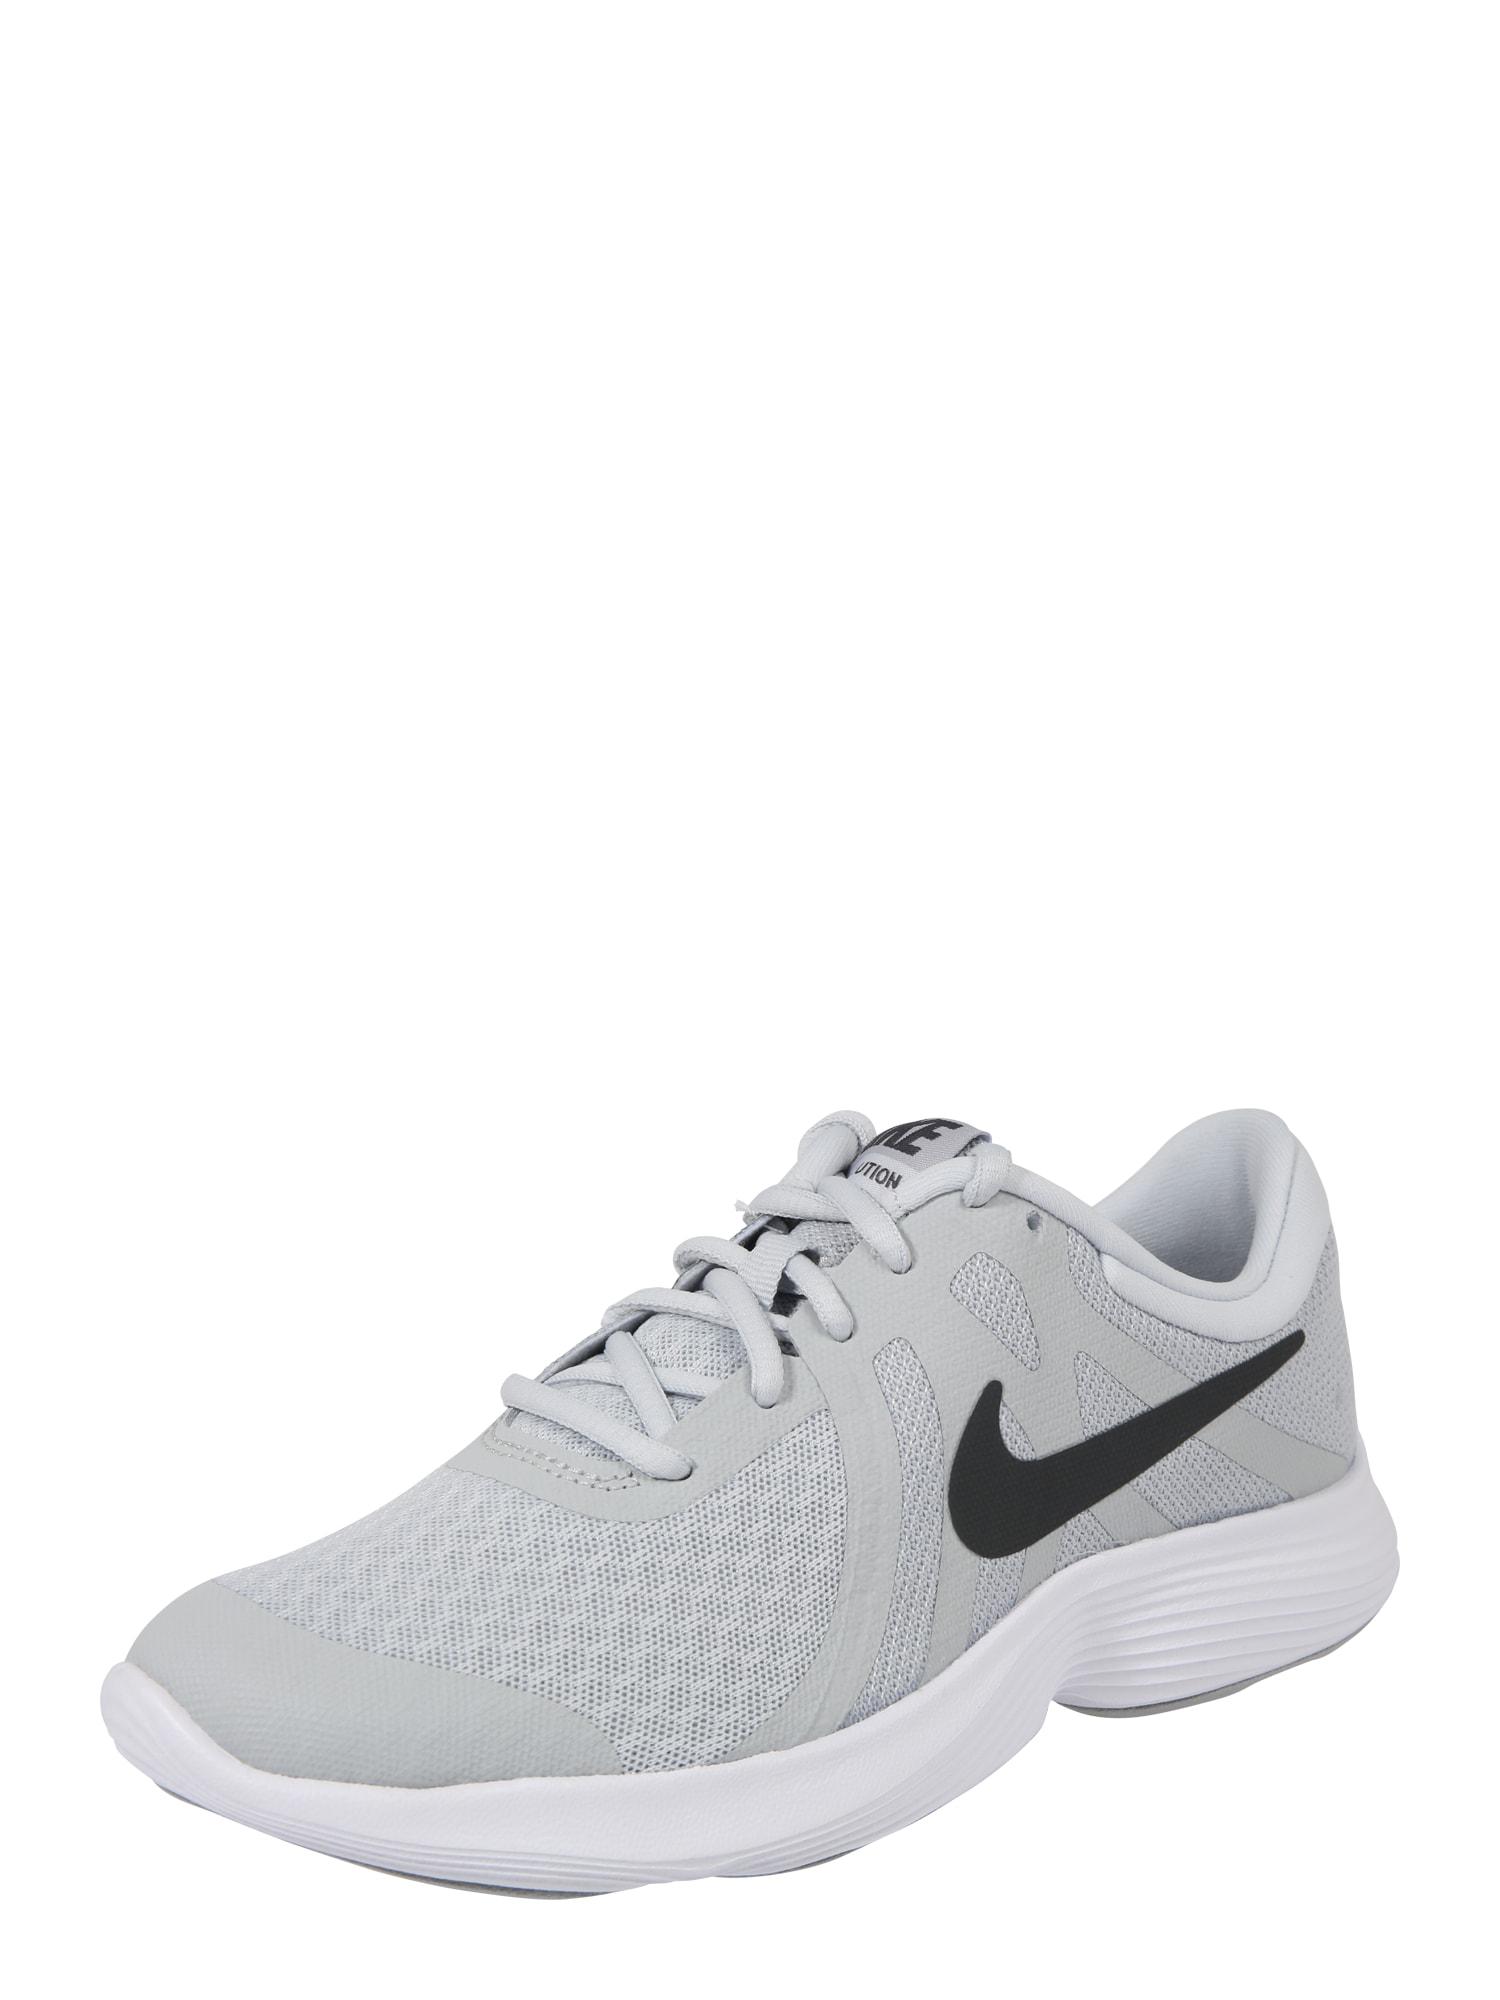 Sportovní boty Revolution 4 (GS) šedá světle šedá NIKE